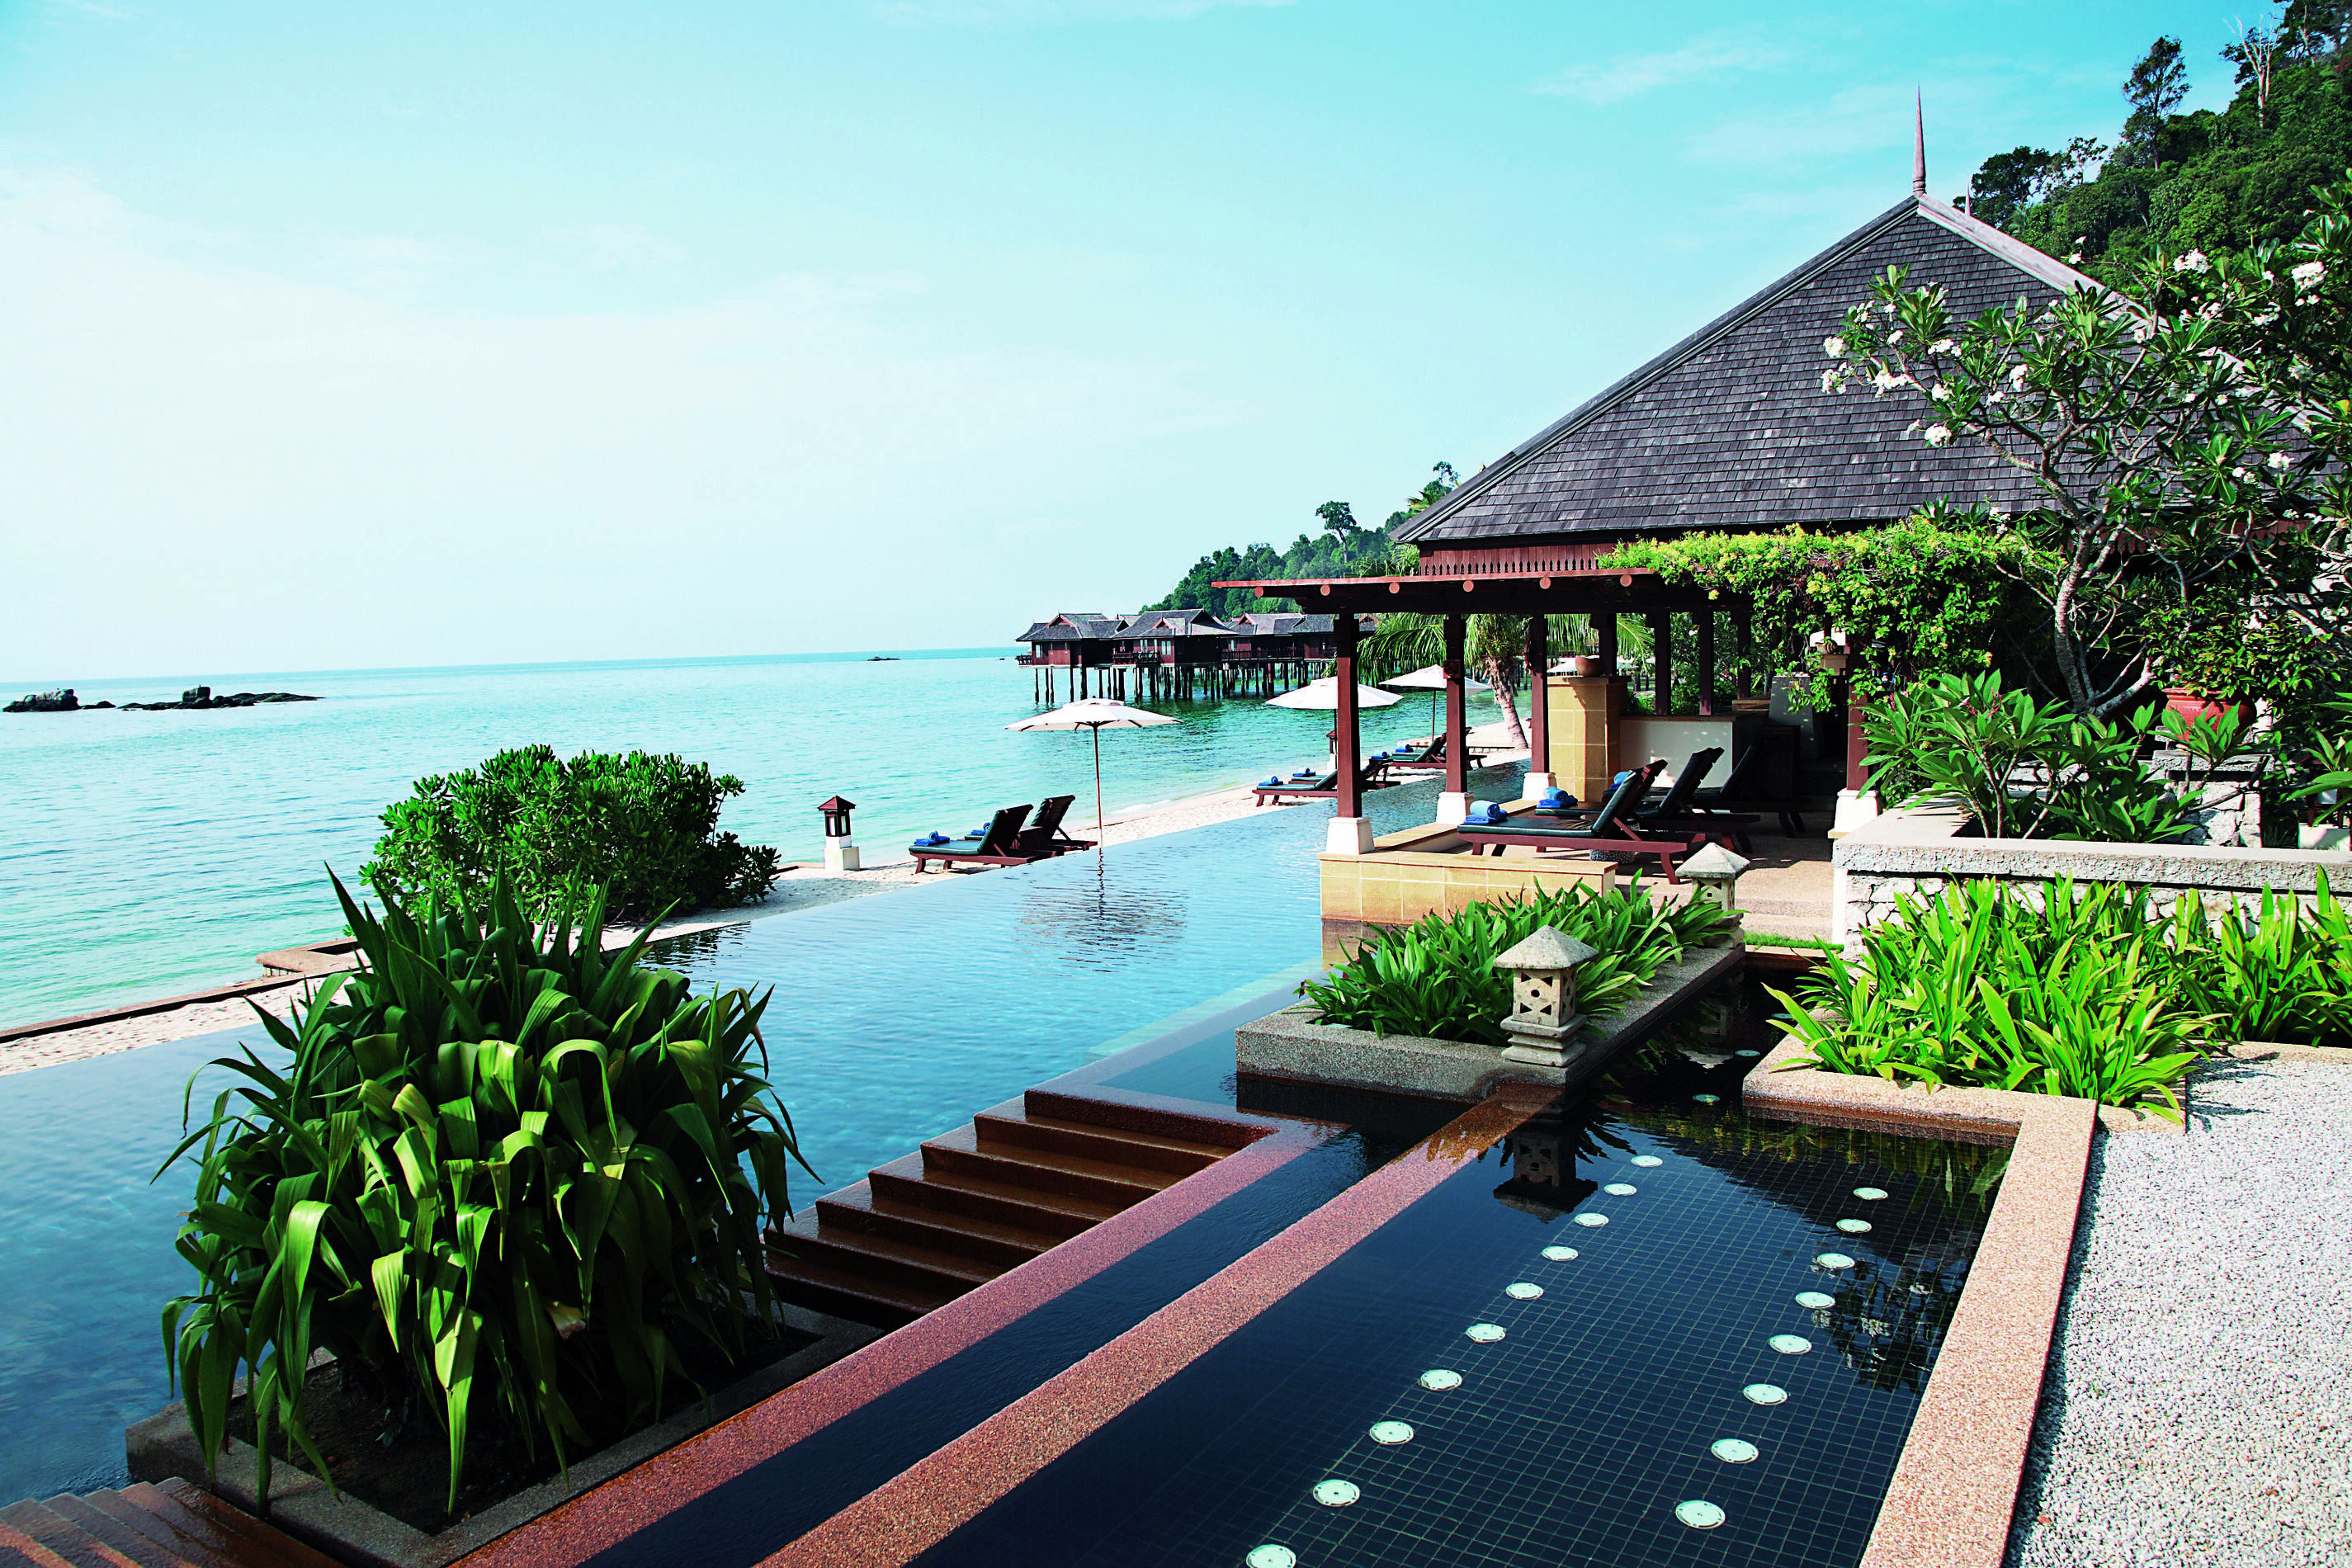 Pangkor Laut Malaisie Spa Village